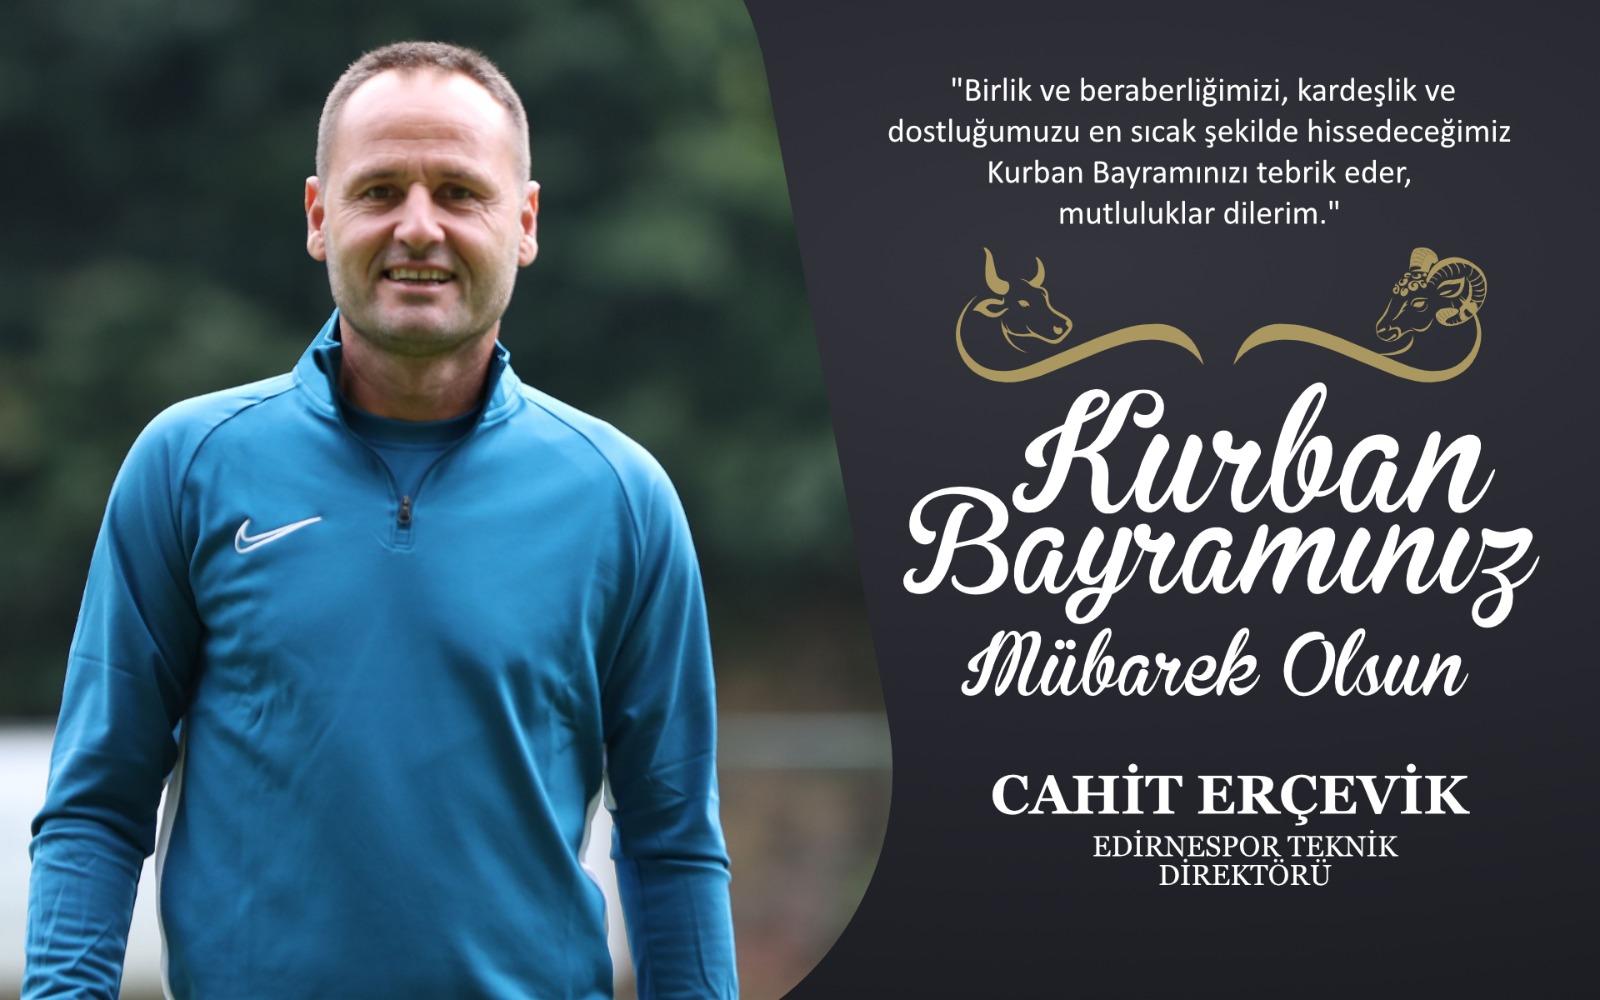 Cahit Erçevik'ten Kurban Bayramı Kutlama Mesajı